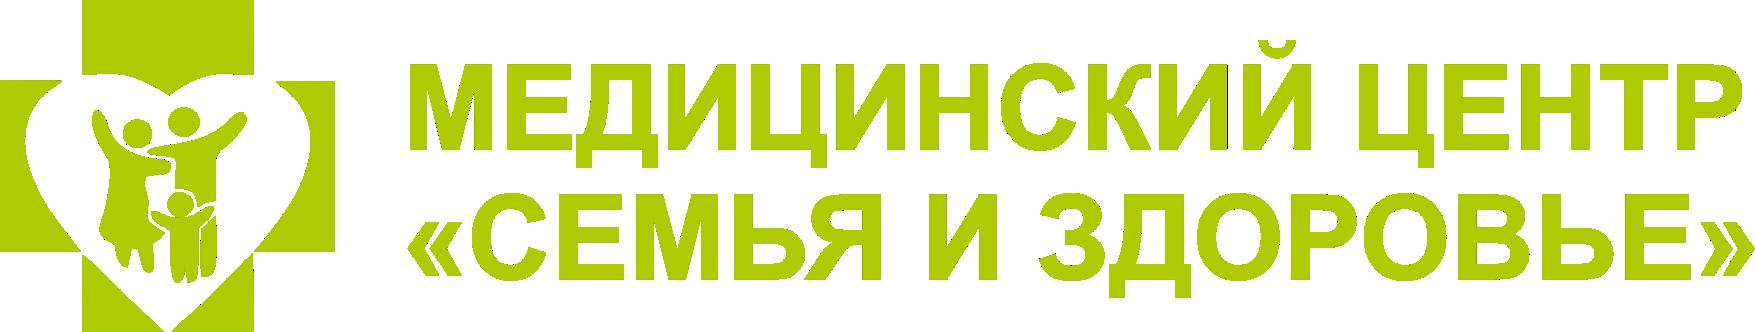 """Медицинский центр """"СЕМЬЯ И ЗДОРОВЬЕ"""" в Мозыре"""